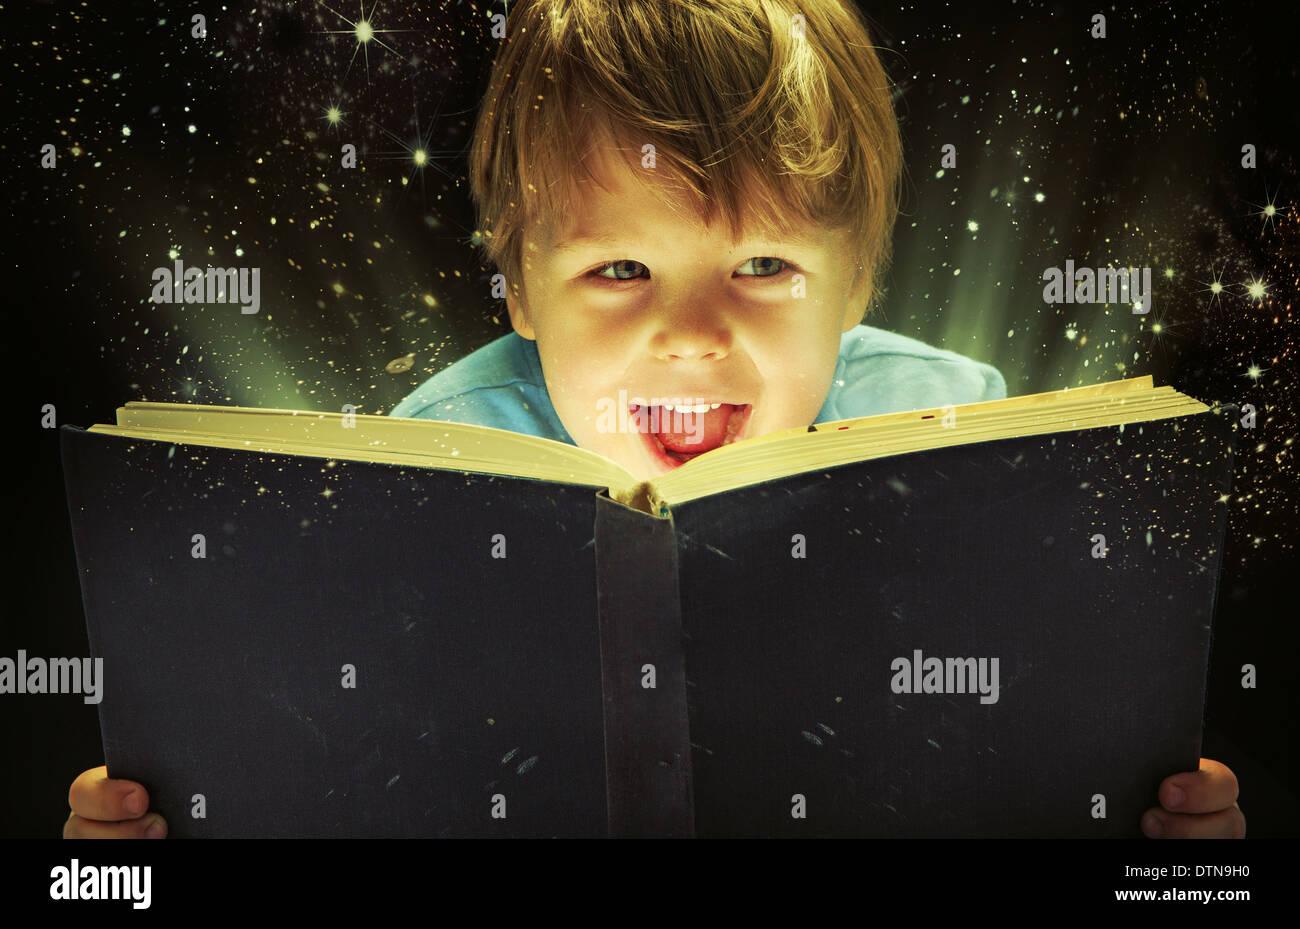 Pequeño niño llevando un viejo libro mágico Imagen De Stock